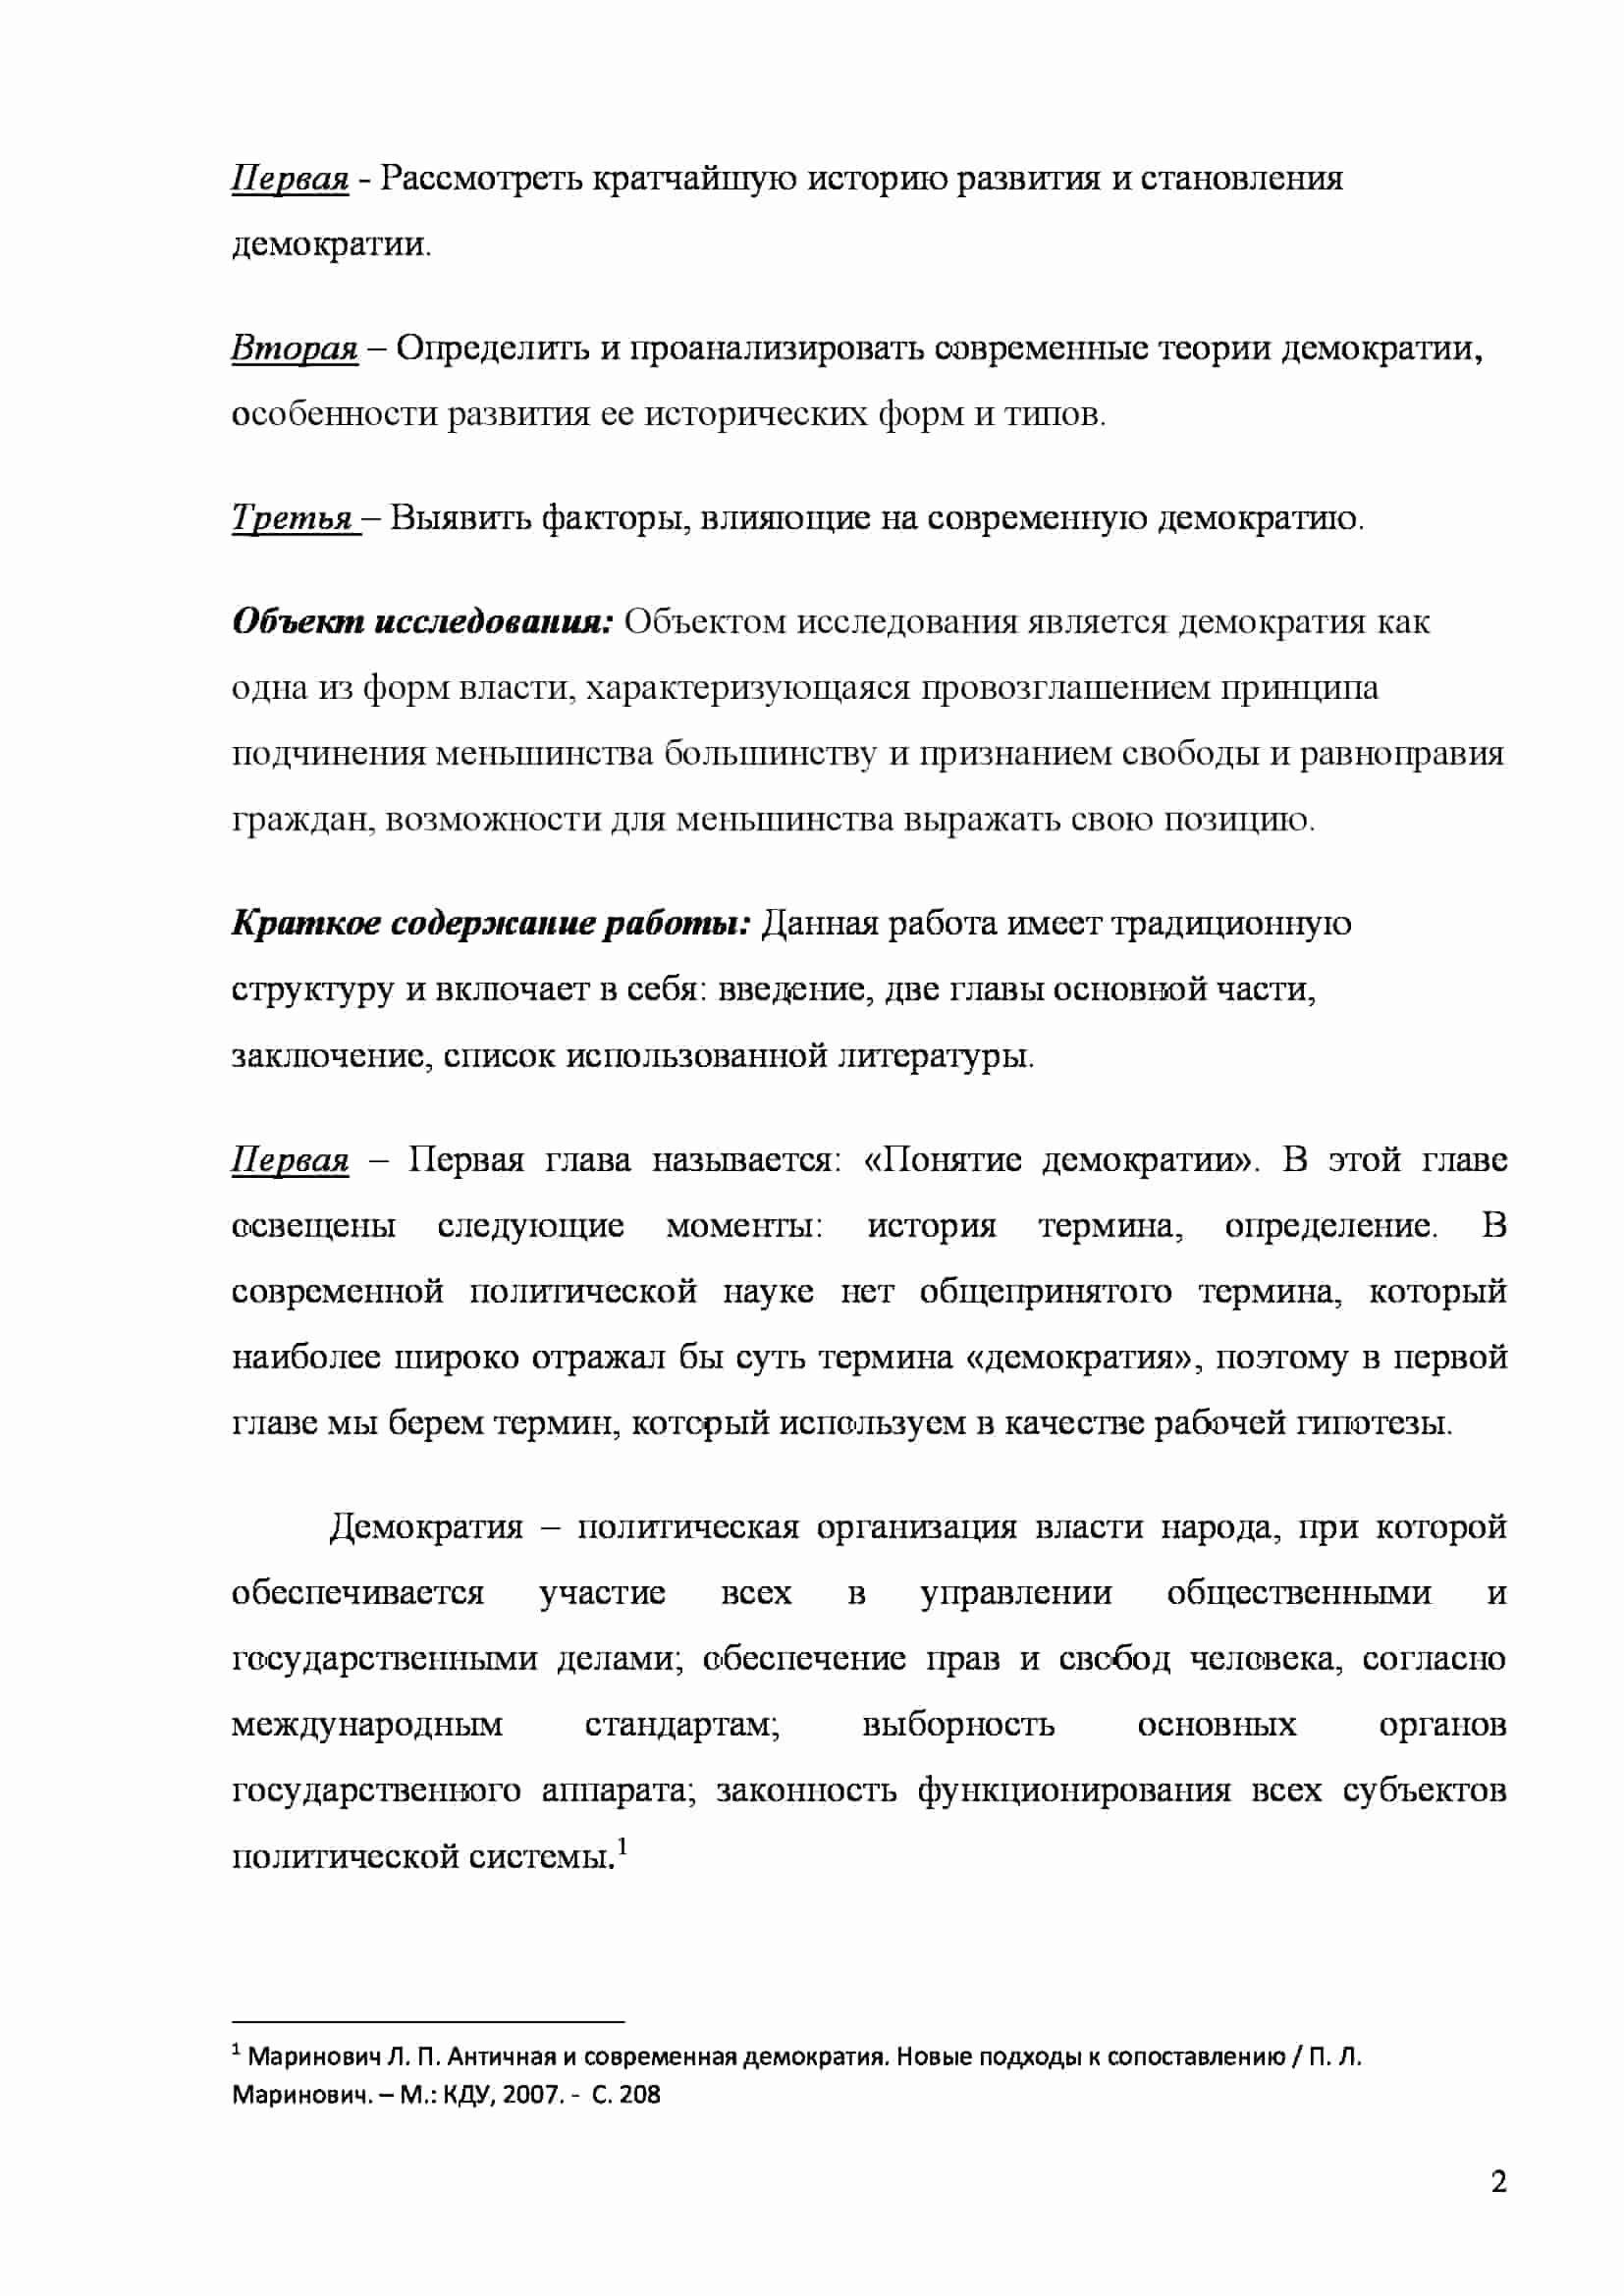 План речи на защиту курсовой работы 1708